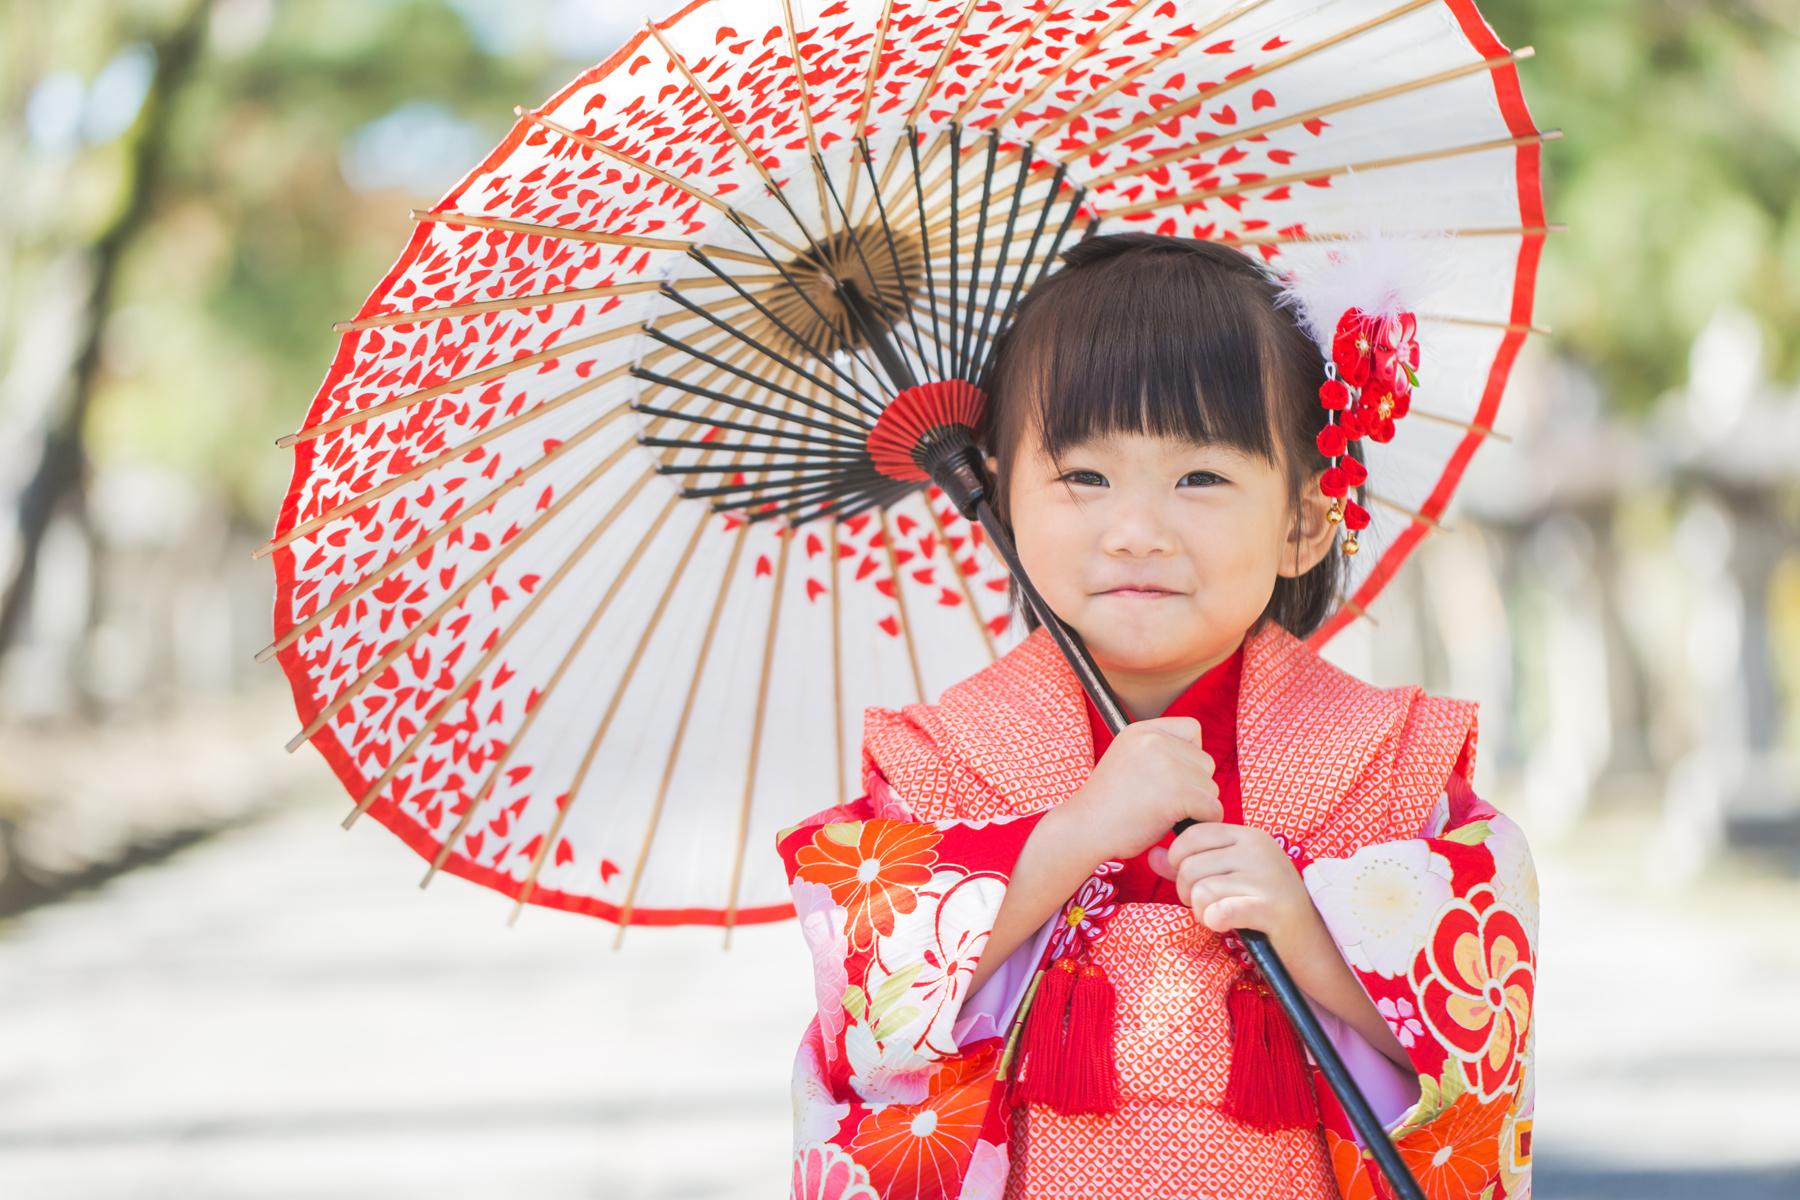 滋賀県長浜市を中心に七五三出張撮影を女性カメラマンがしております